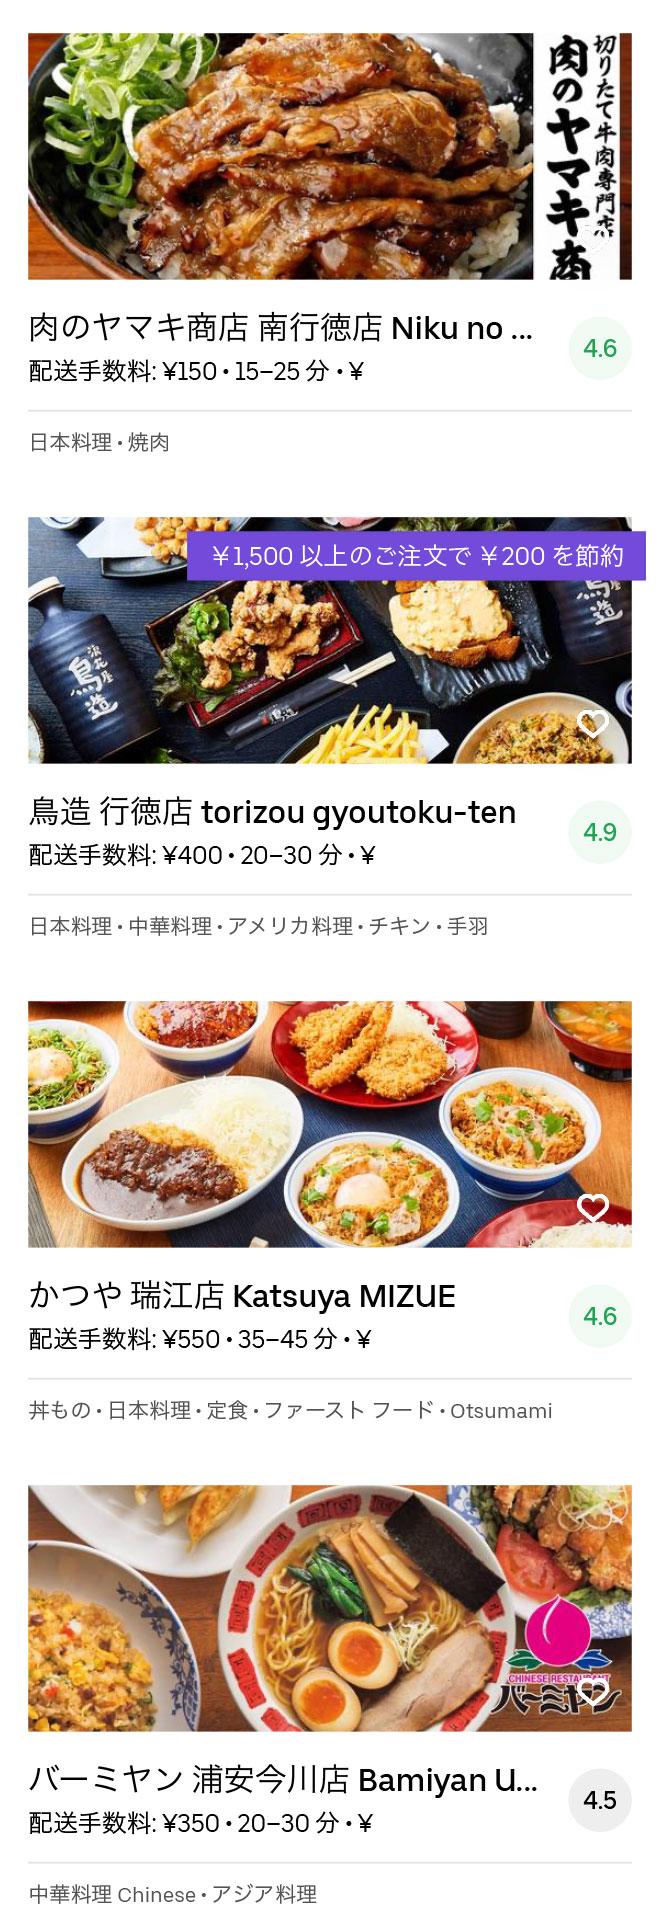 Urayasu menu 200404